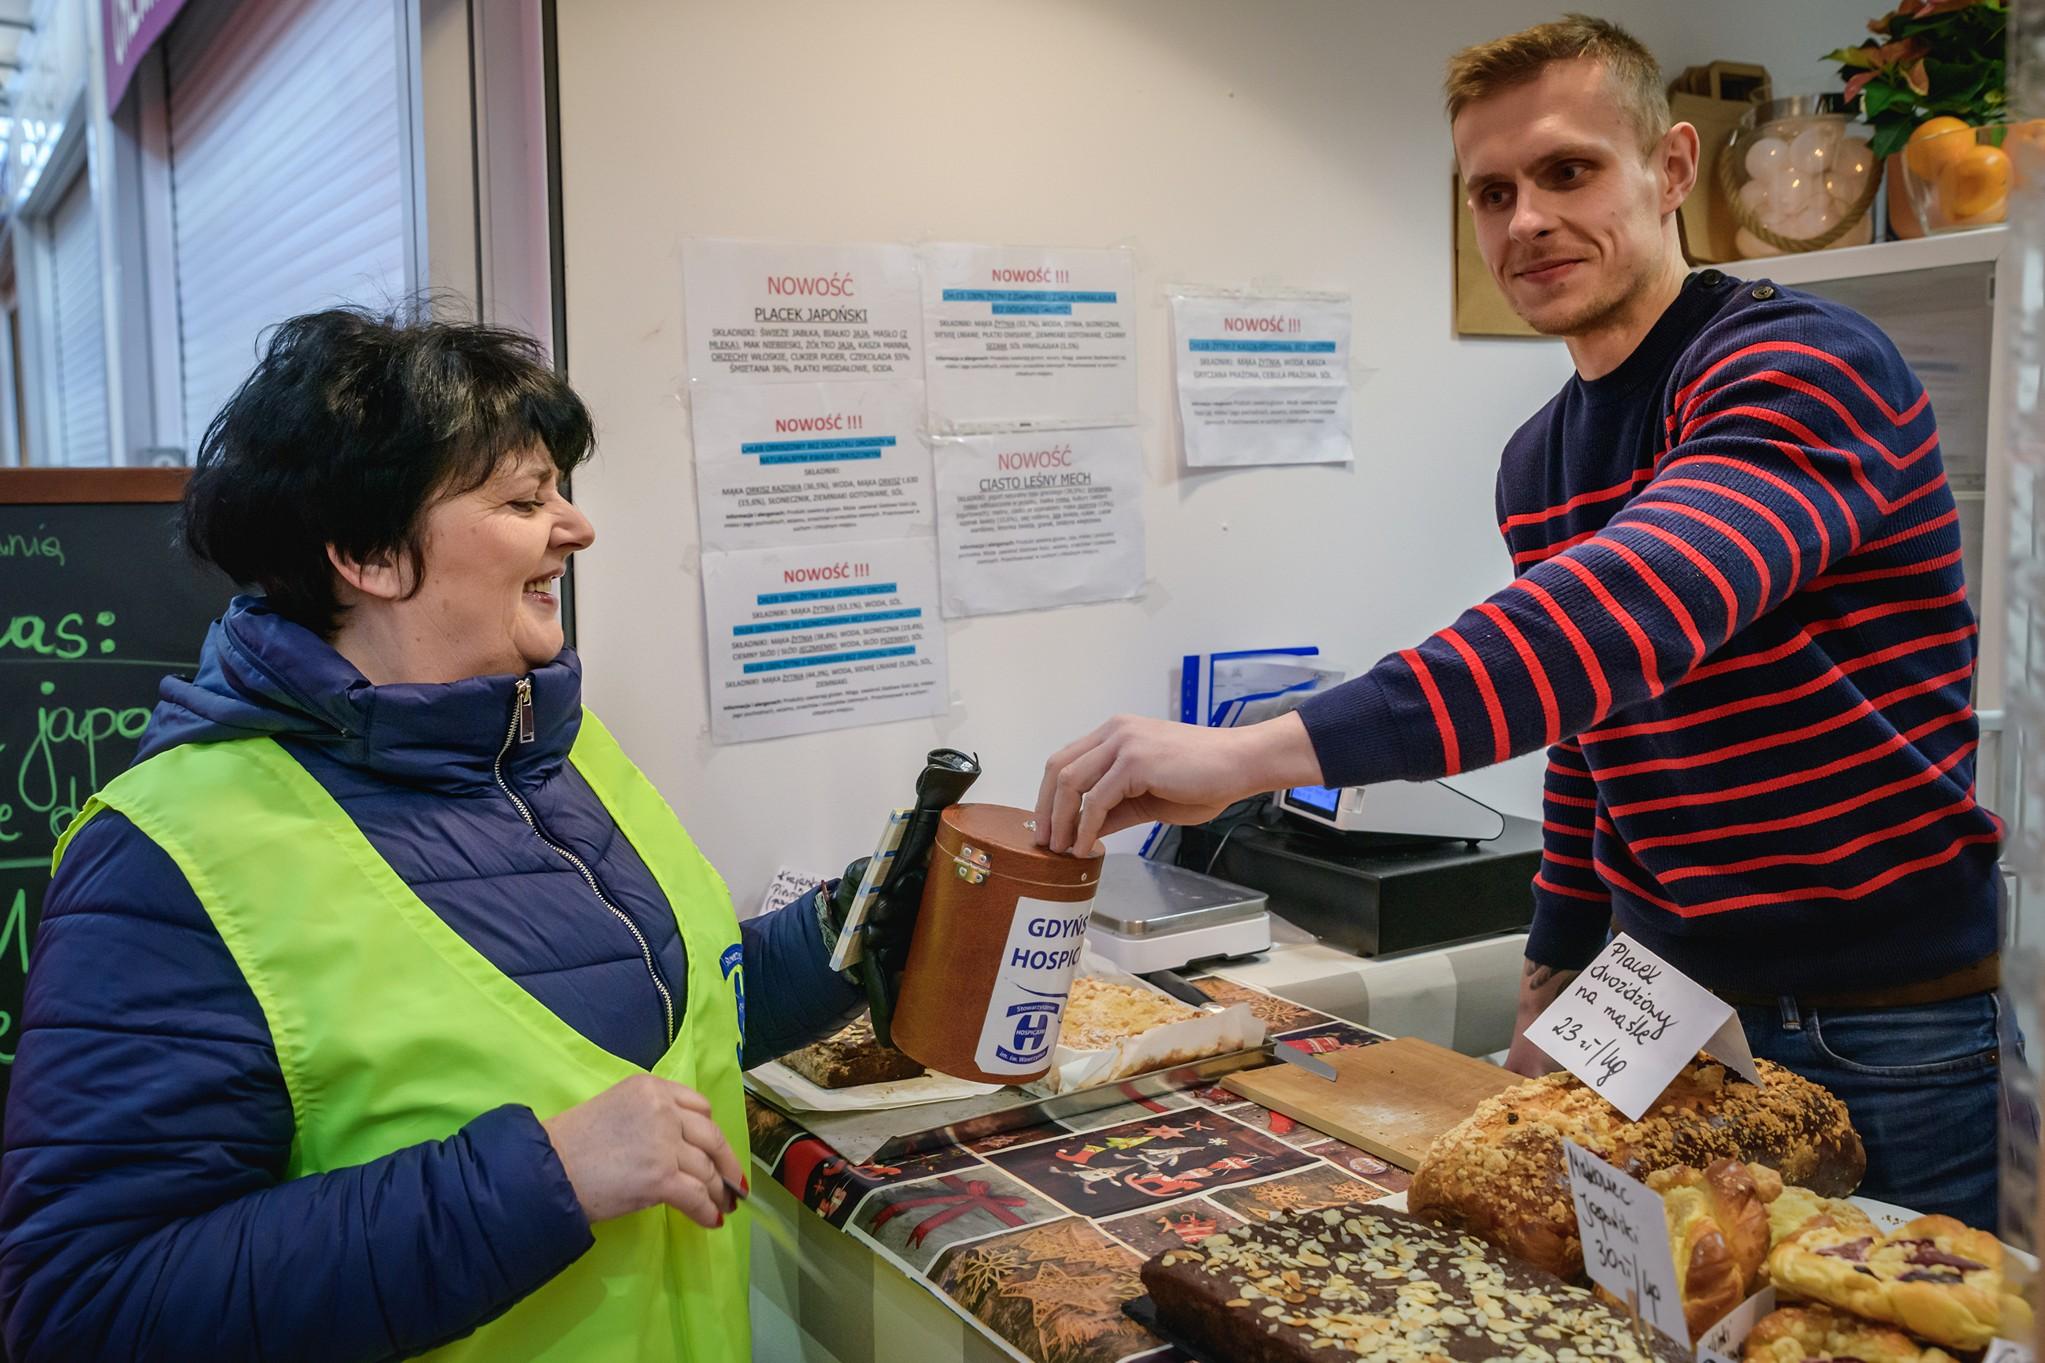 Kwesta na Hali Targowej w Gdyni, wolontariuszka Zofia Gregor przewodnicząca rady dzielnicy Grabówek